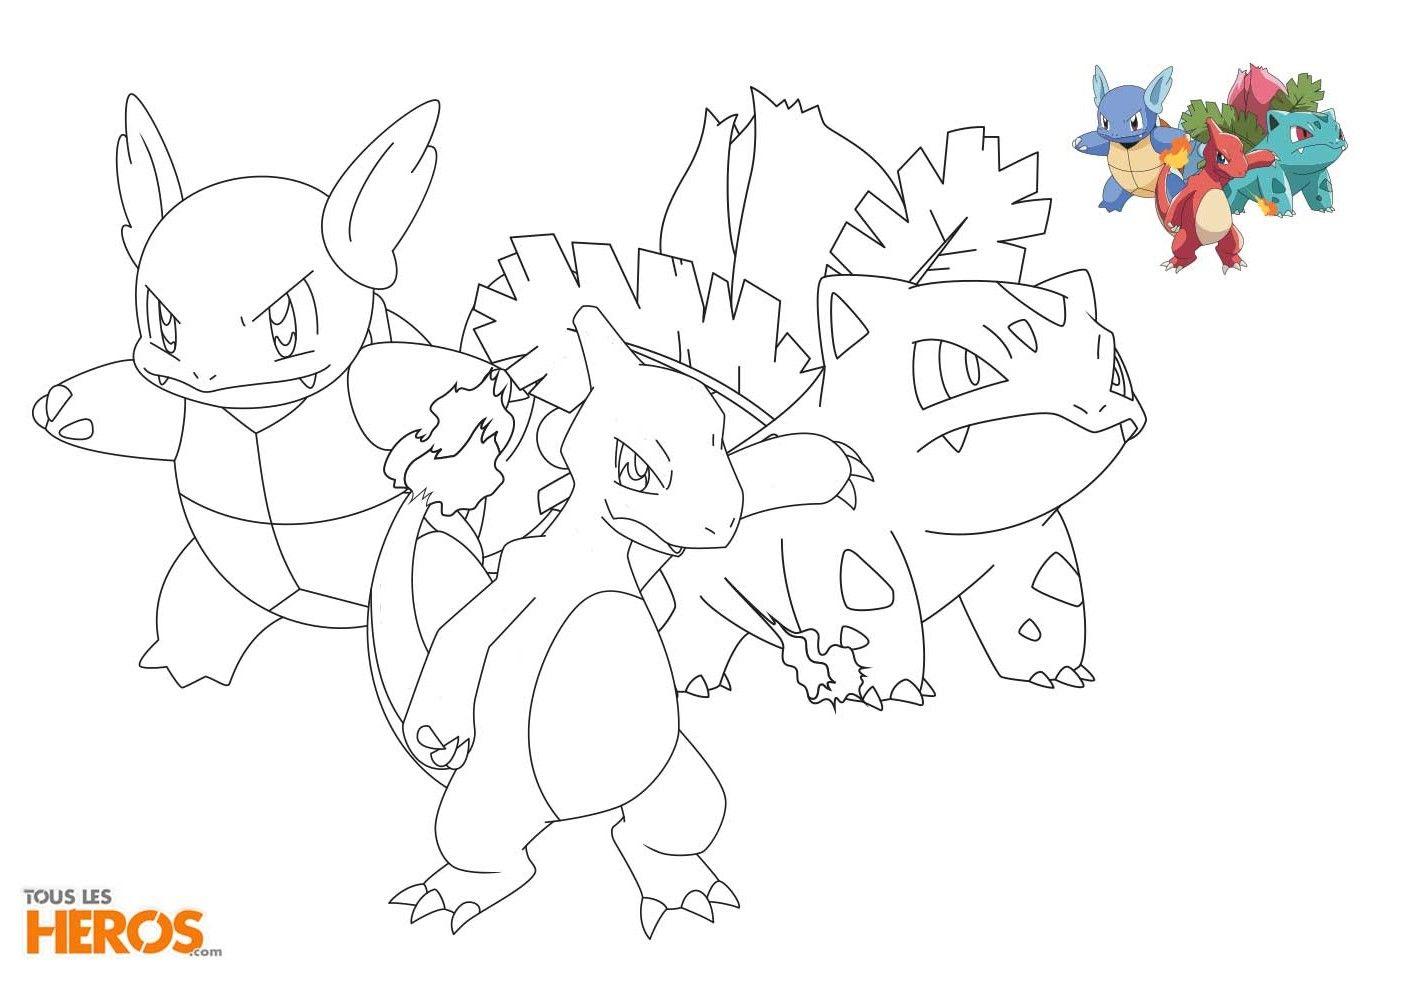 Decouvrez 5 Nouveaux Coloriages Pokemon Totalement Inedits Retrouvez Sacha Pikachu Dracofeu Et La T Coloriage Pokemon A Imprimer Coloriage Pokemon Coloriage